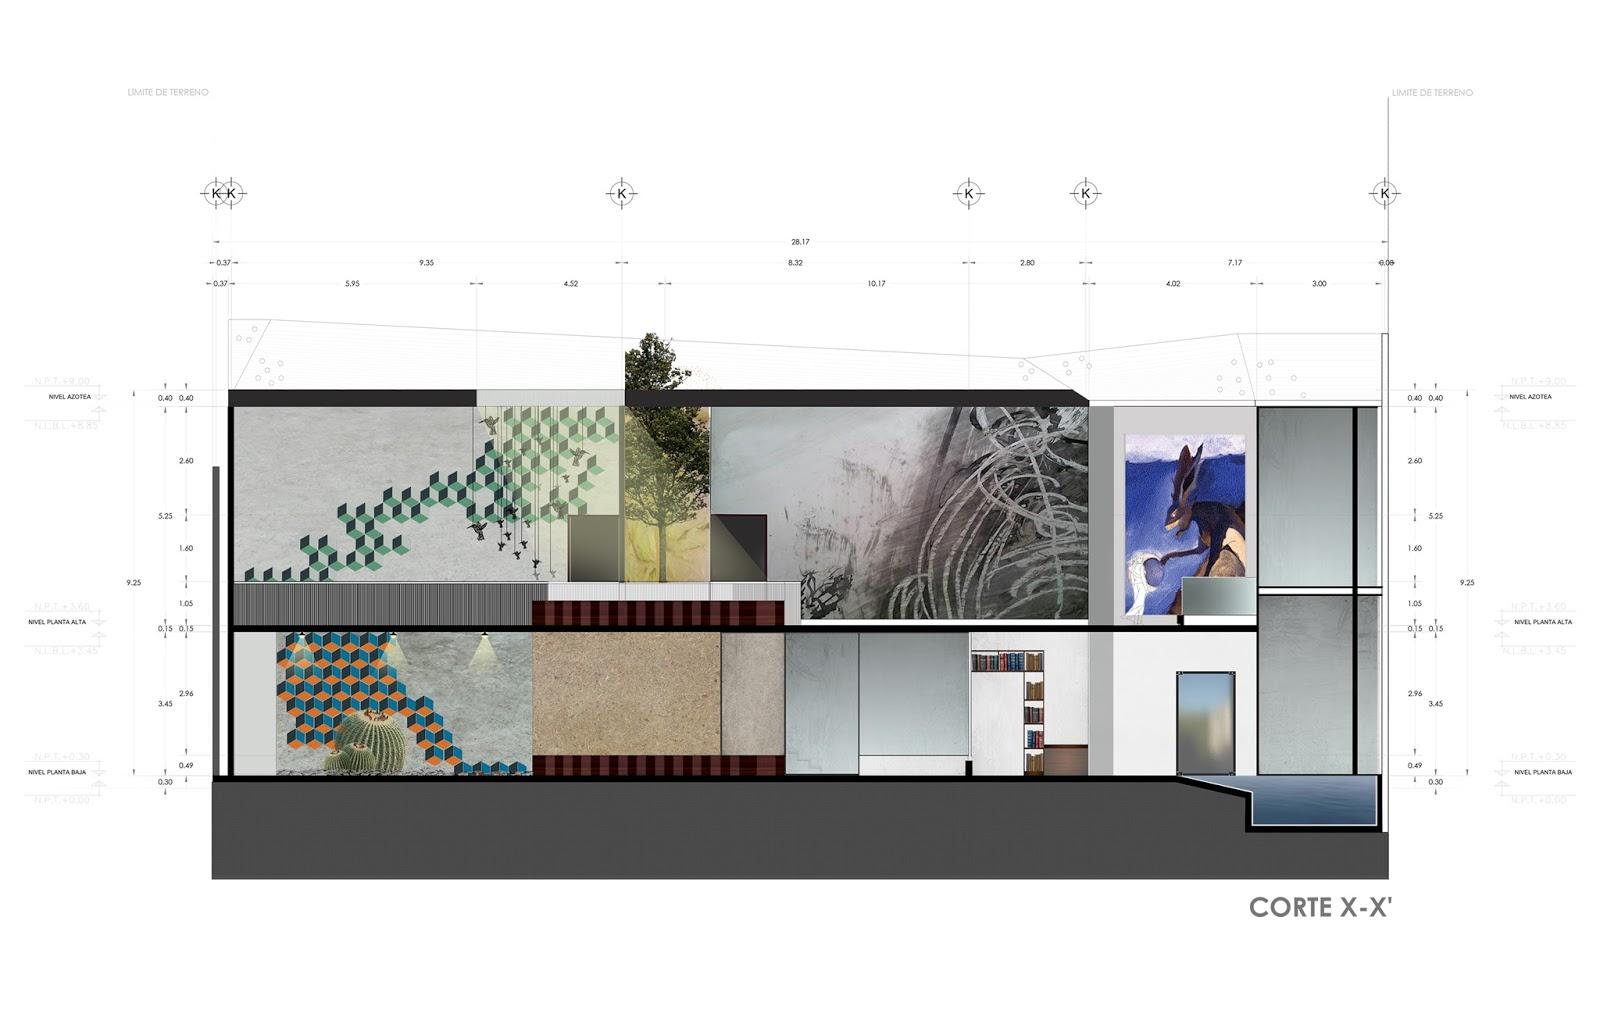 Arquitectura cortes arquitect nicos de mi tesis for Articulos de arquitectura 2015